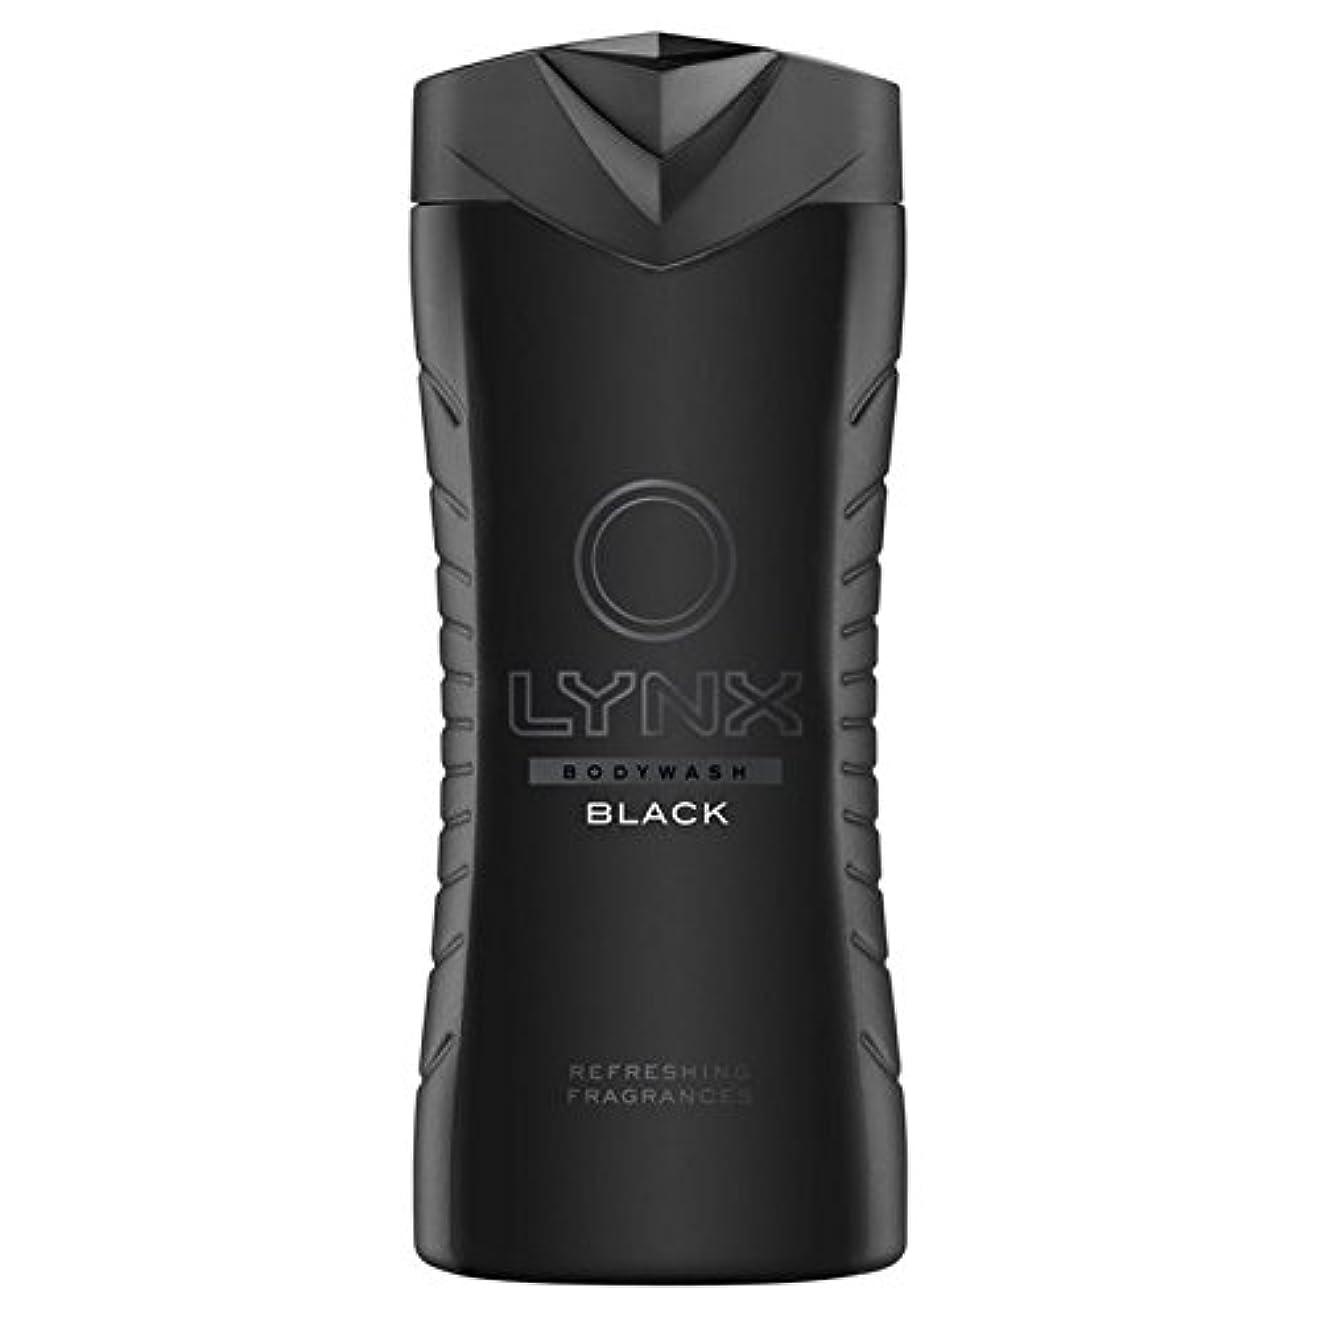 枝原子炉厳オオヤマネコブラックシャワージェル400ミリリットル x2 - Lynx Black Shower Gel 400ml (Pack of 2) [並行輸入品]